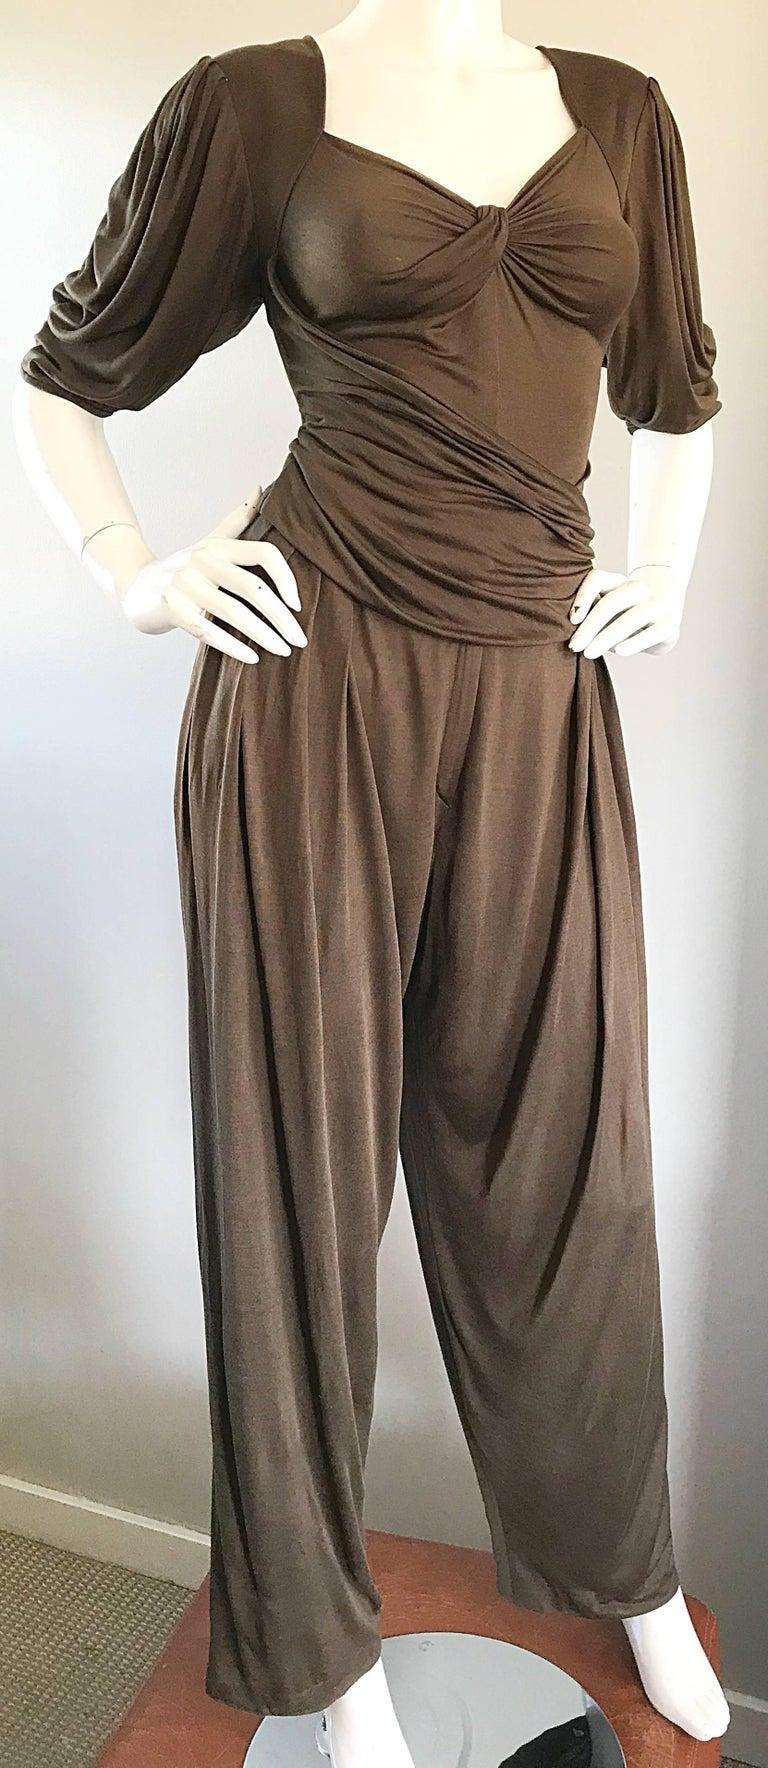 Vintage Emanuel Ungaro Silk Jersey Taupe Two Piece Harem Pants Ensemble Pant Set For Sale 1